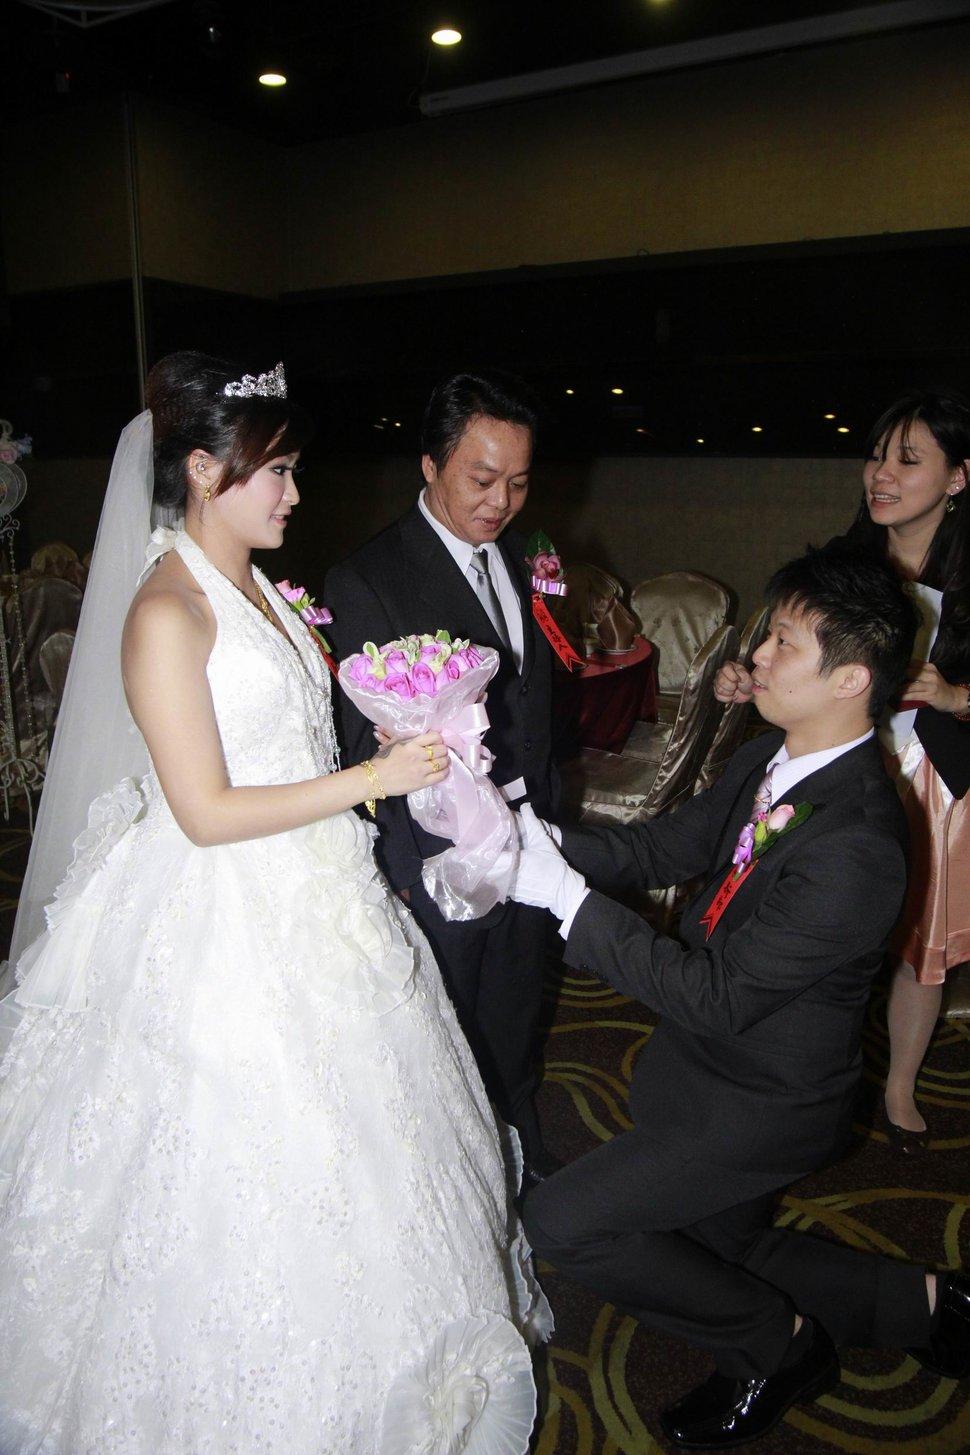 蜜月婚攝新莊美食喜相逢餐廳會館結婚迎娶儀式晚宴婚禮記錄動態微電影錄影專業錄影平面攝影婚攝婚禮主持人(編號:270538) - 蜜月拍照10800錄影12800攝影團隊 - 結婚吧